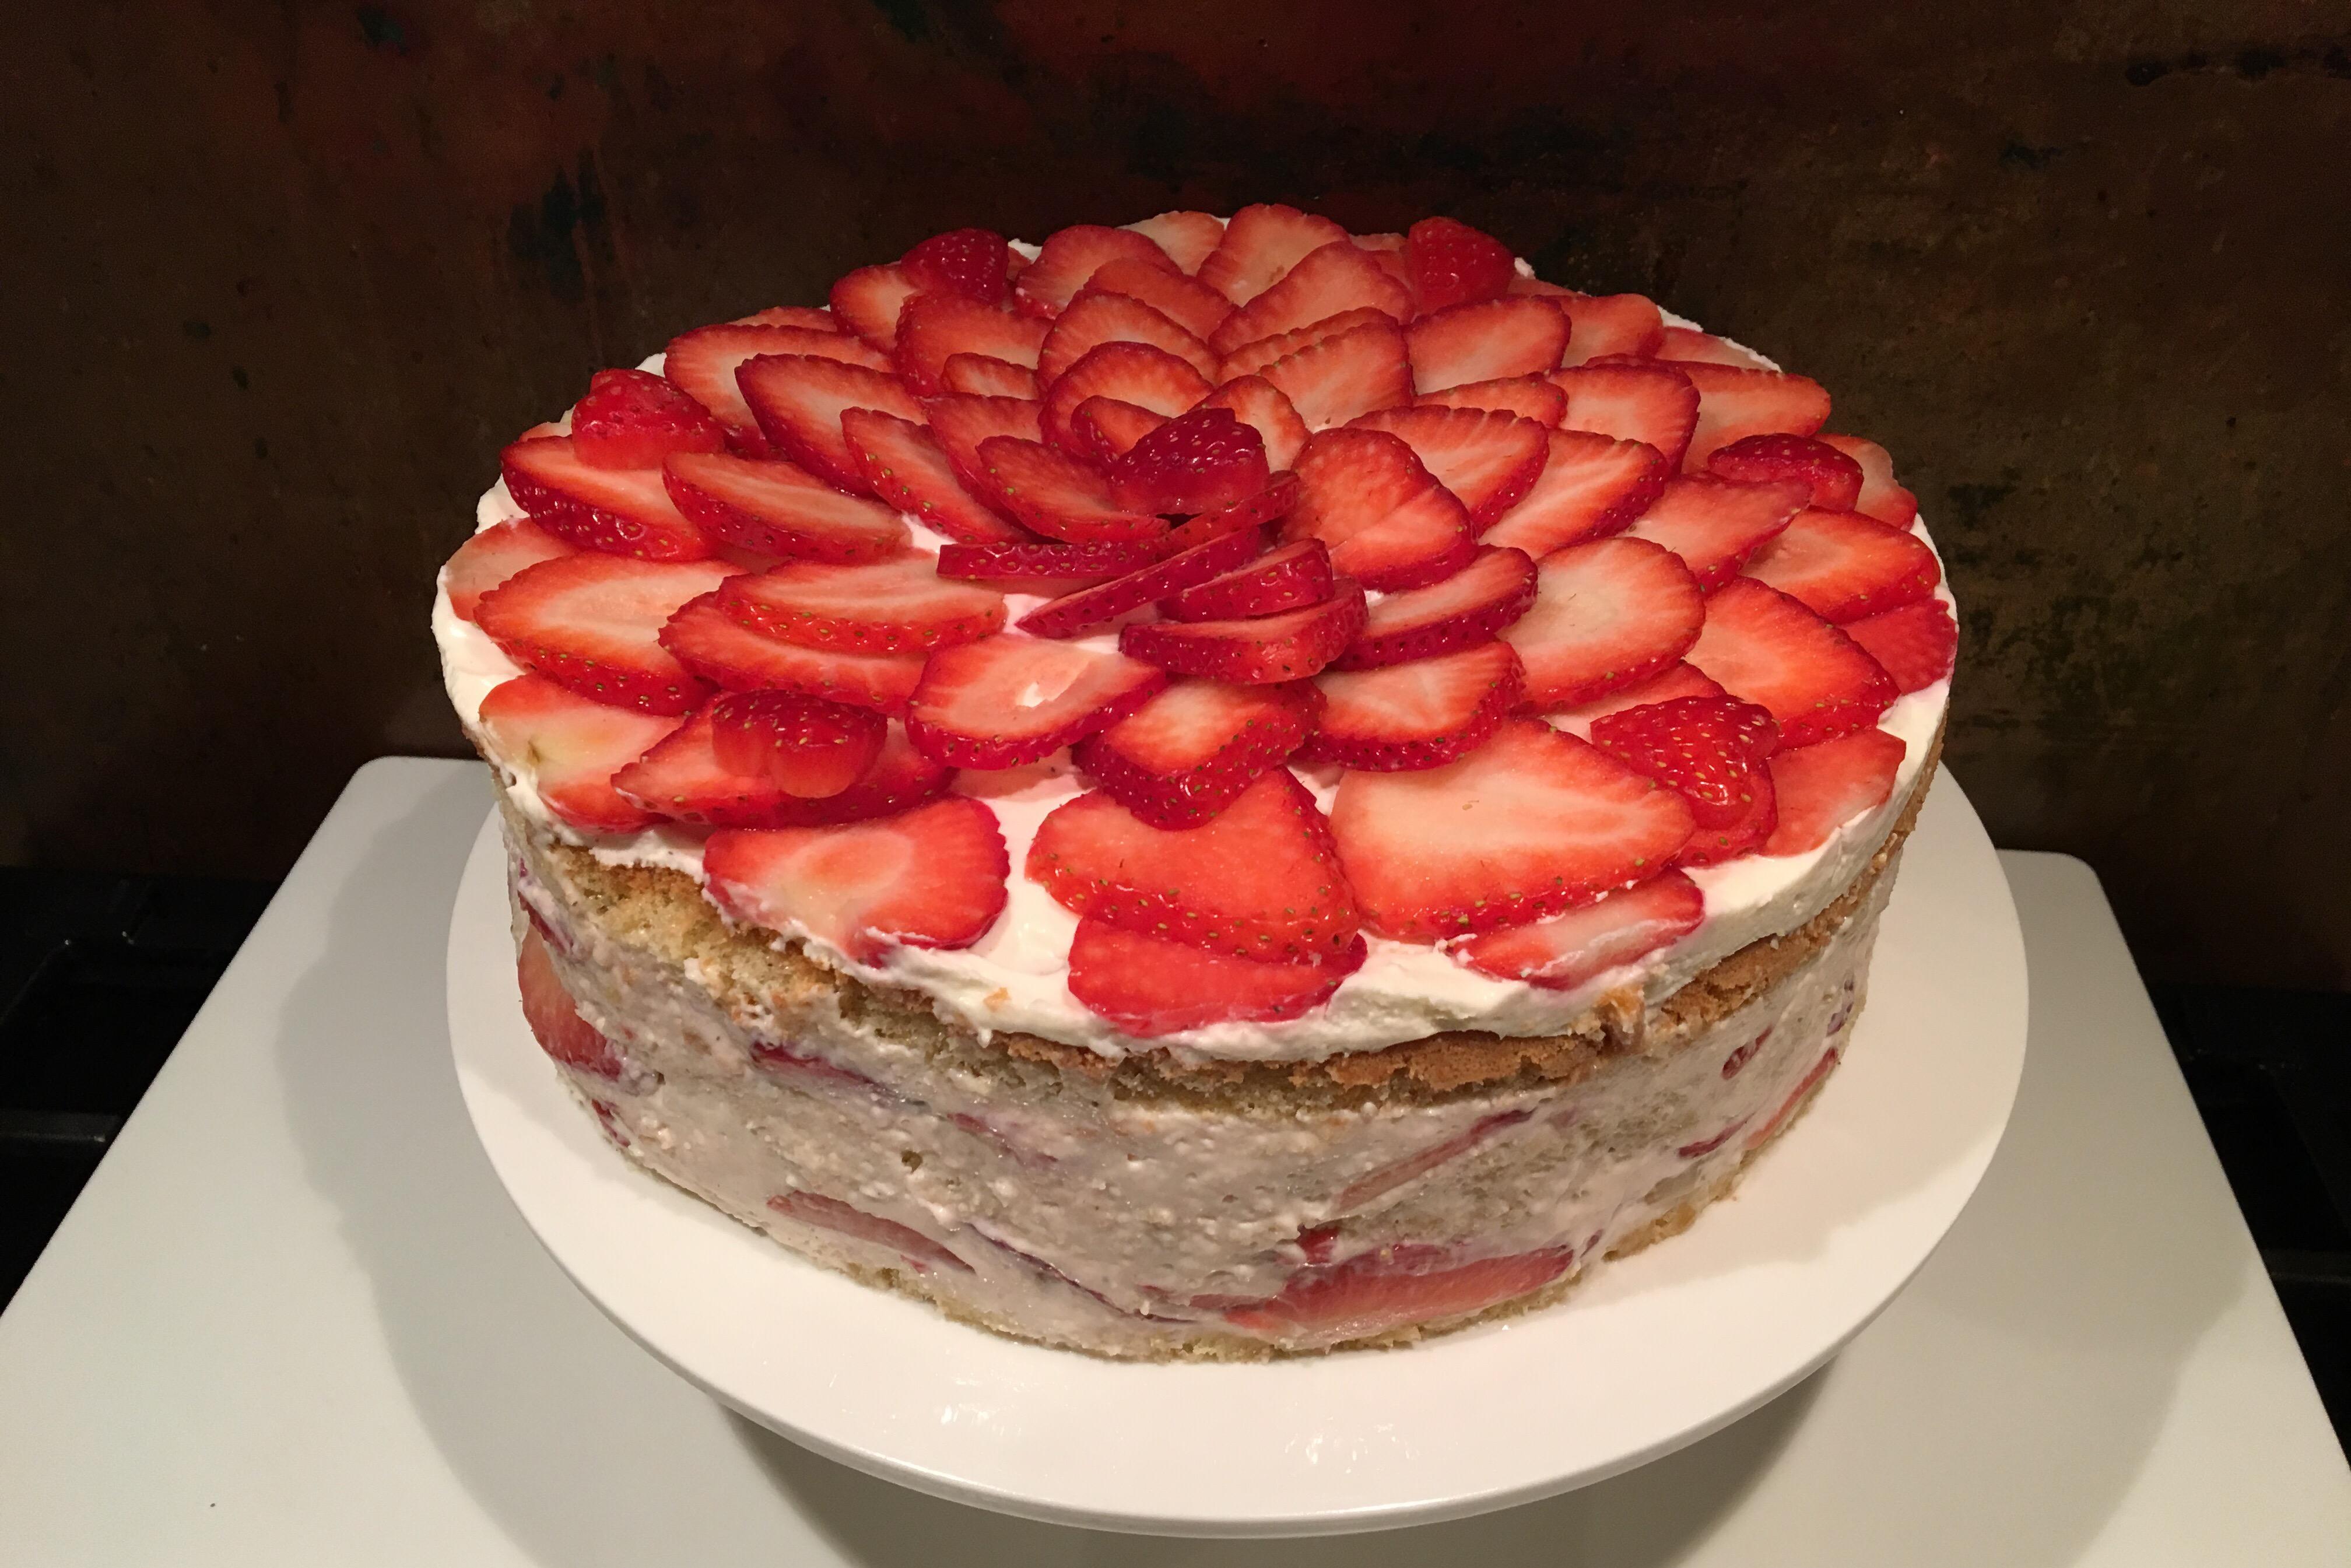 Jordbærlagkage